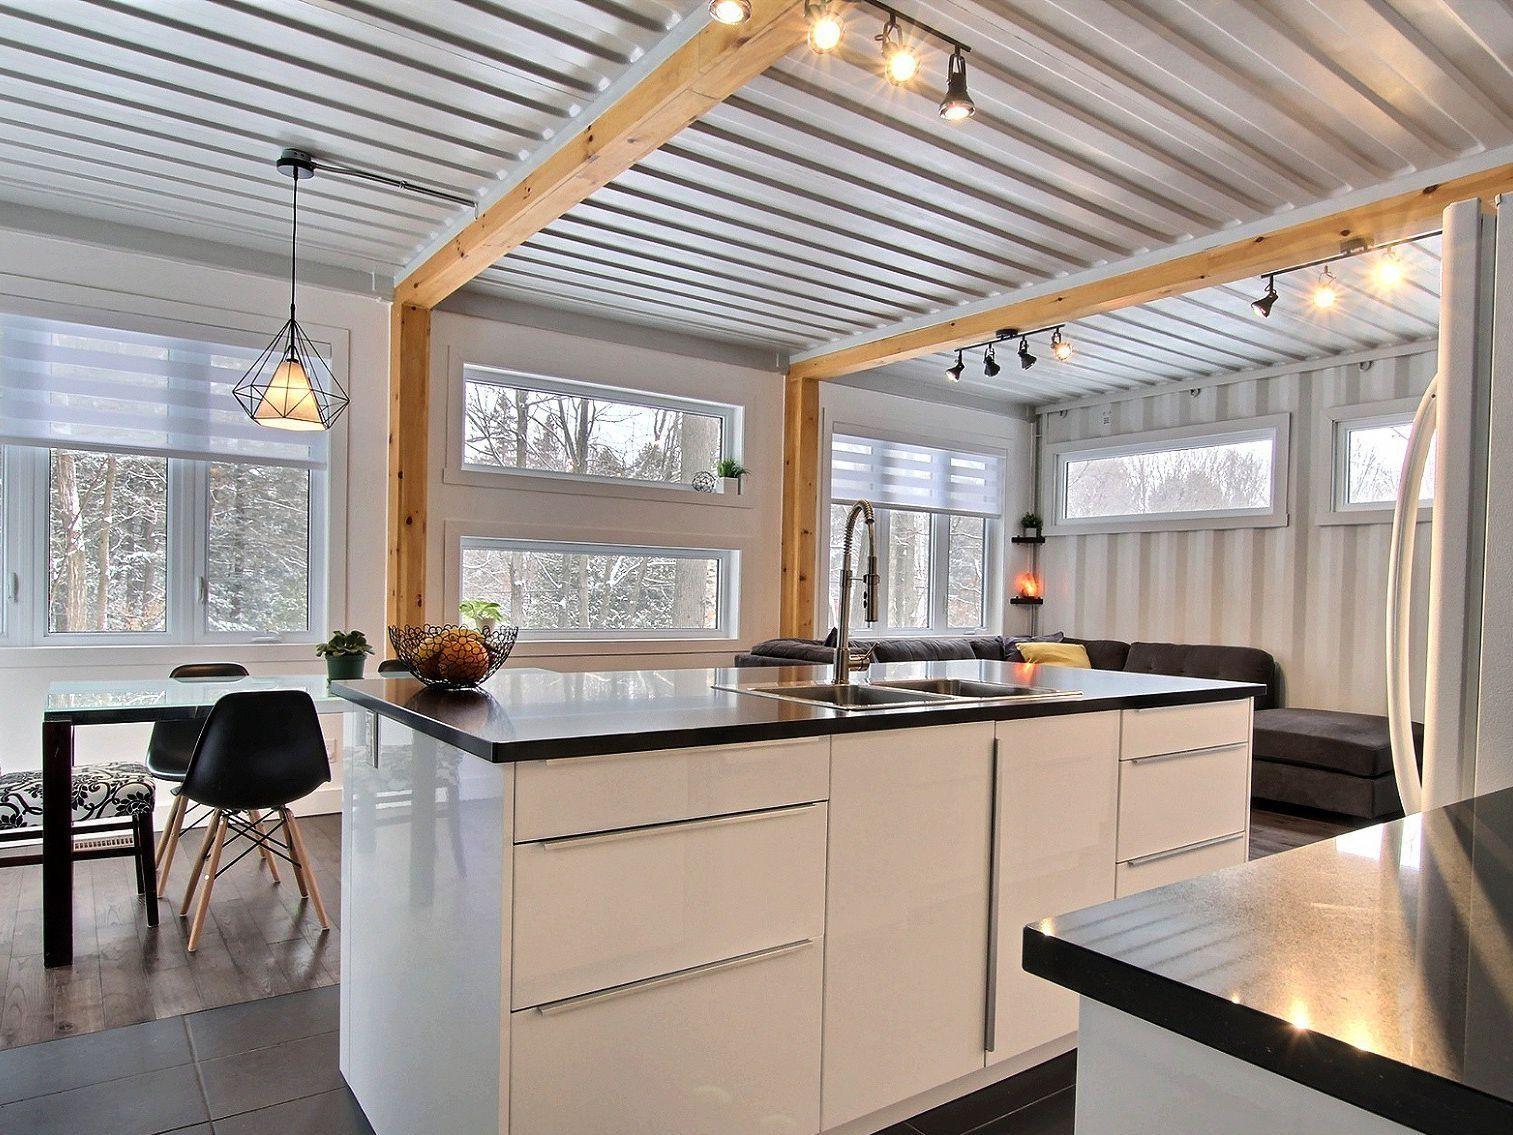 salle-a-manger-cuisine-maison-a-un-etage-et-demi-a-vendre-rigaud-quebec-province-1600-8478603.jpg